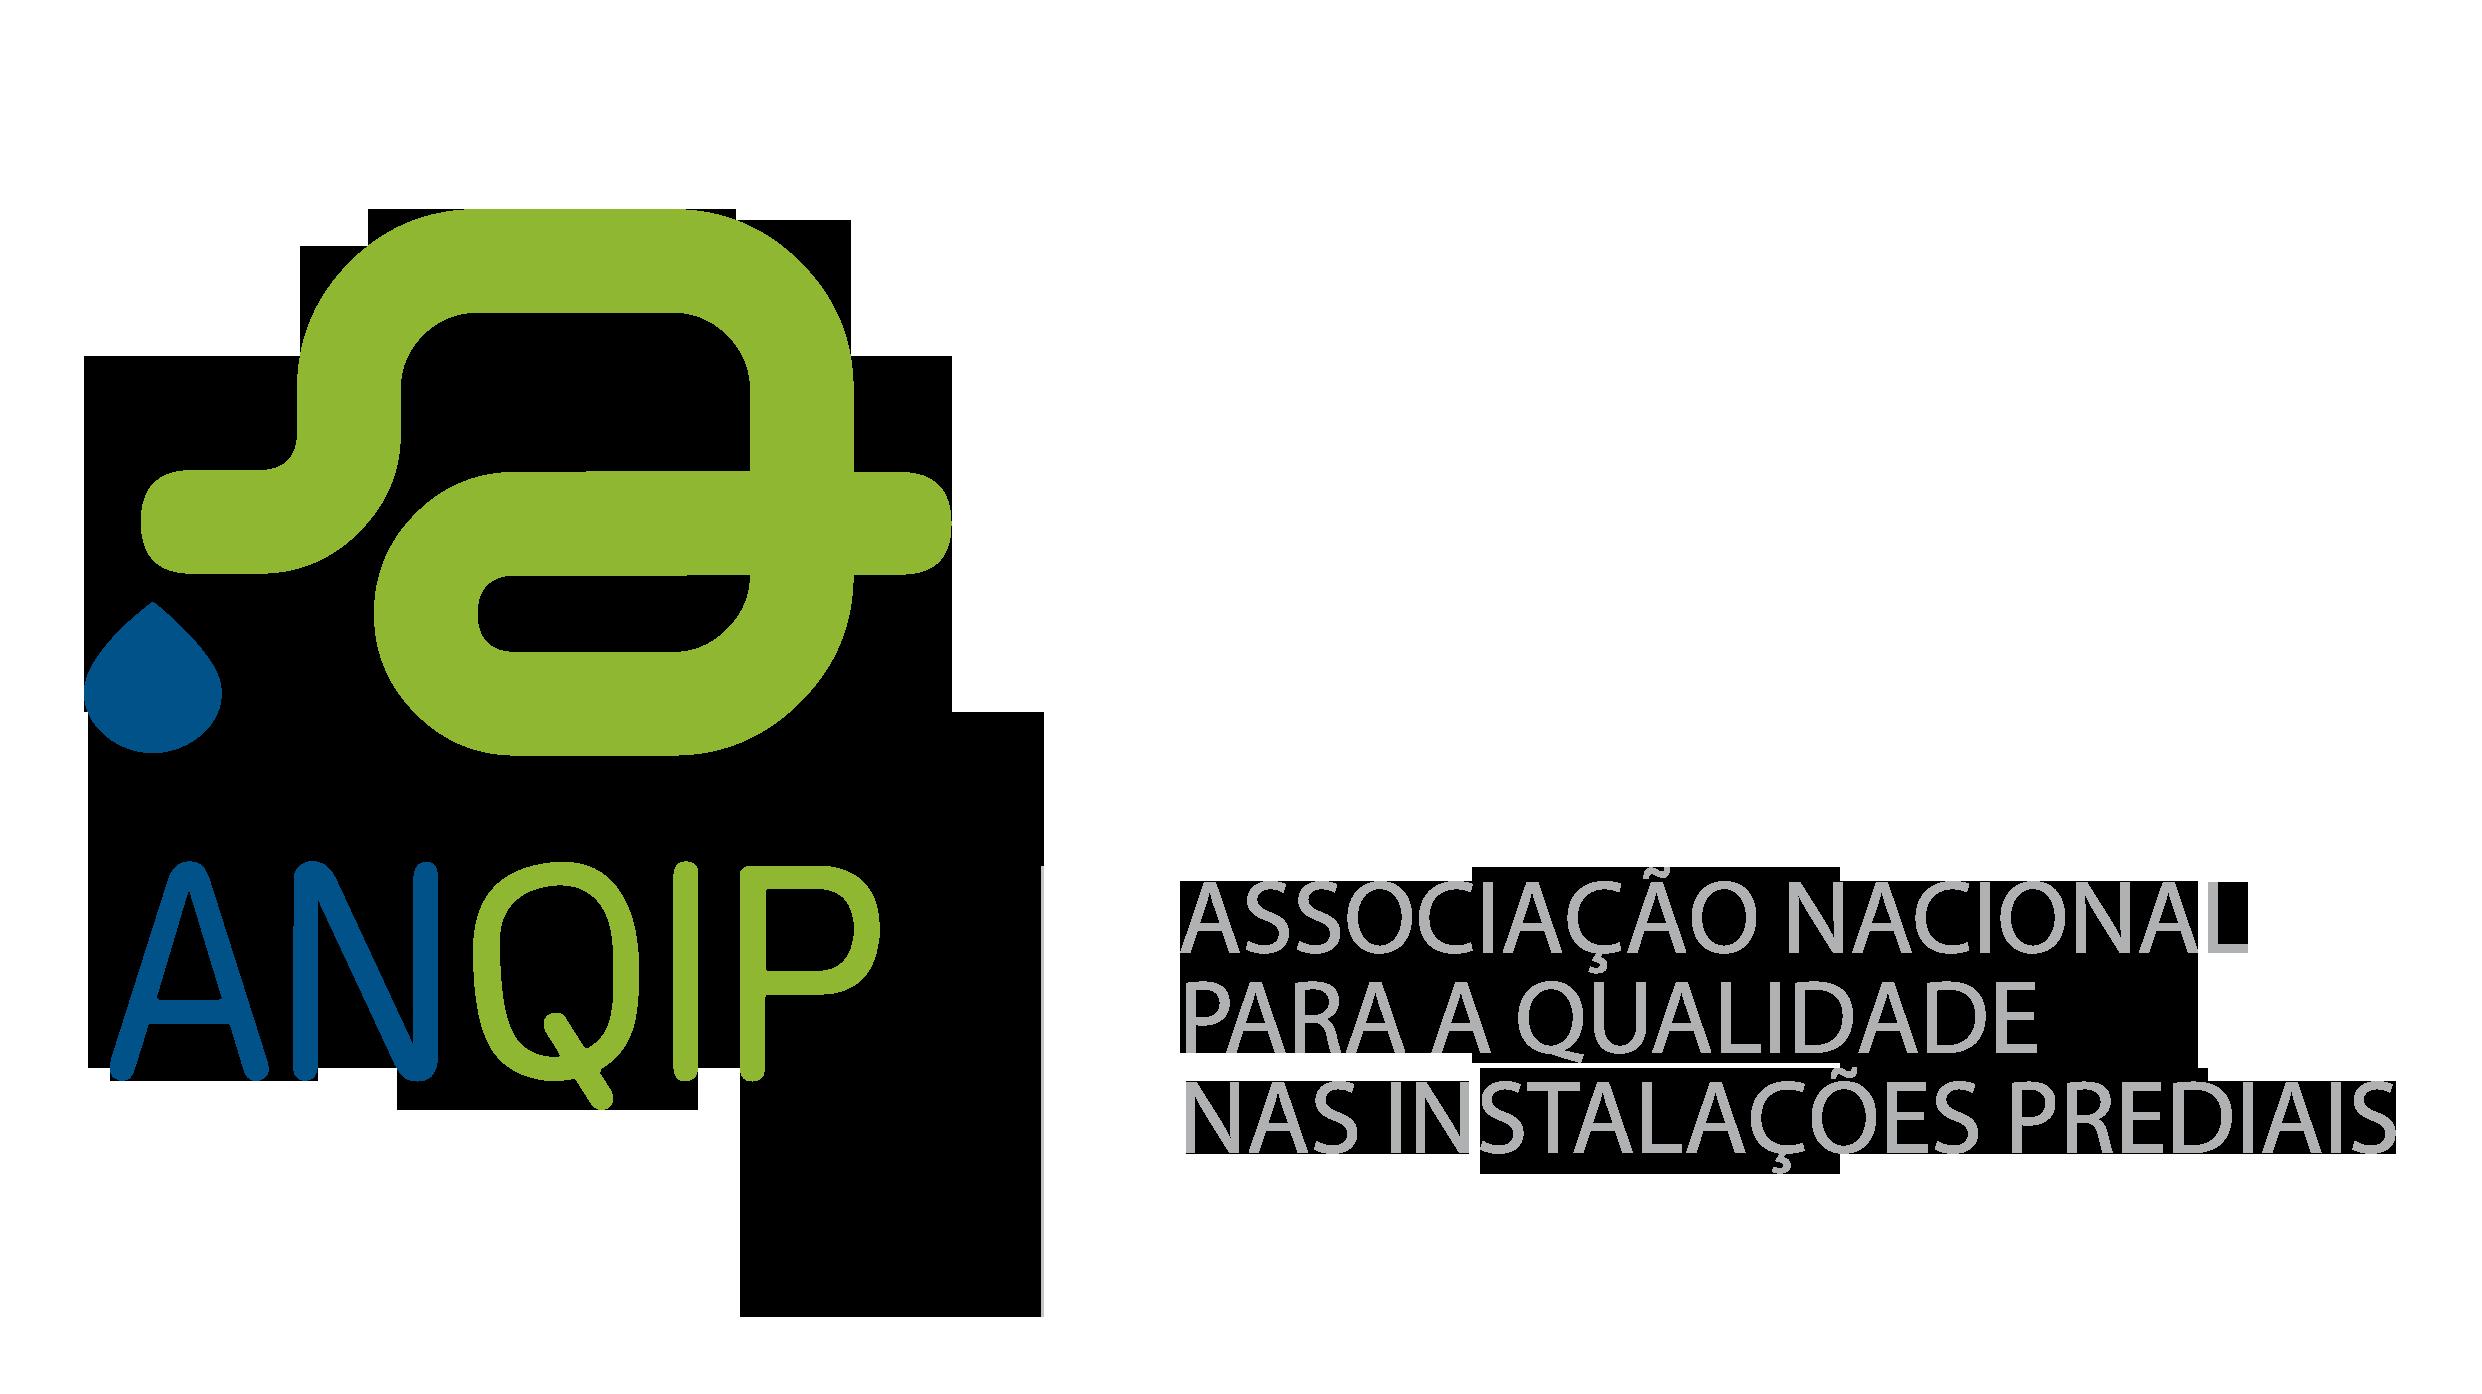 Logo ANQIP